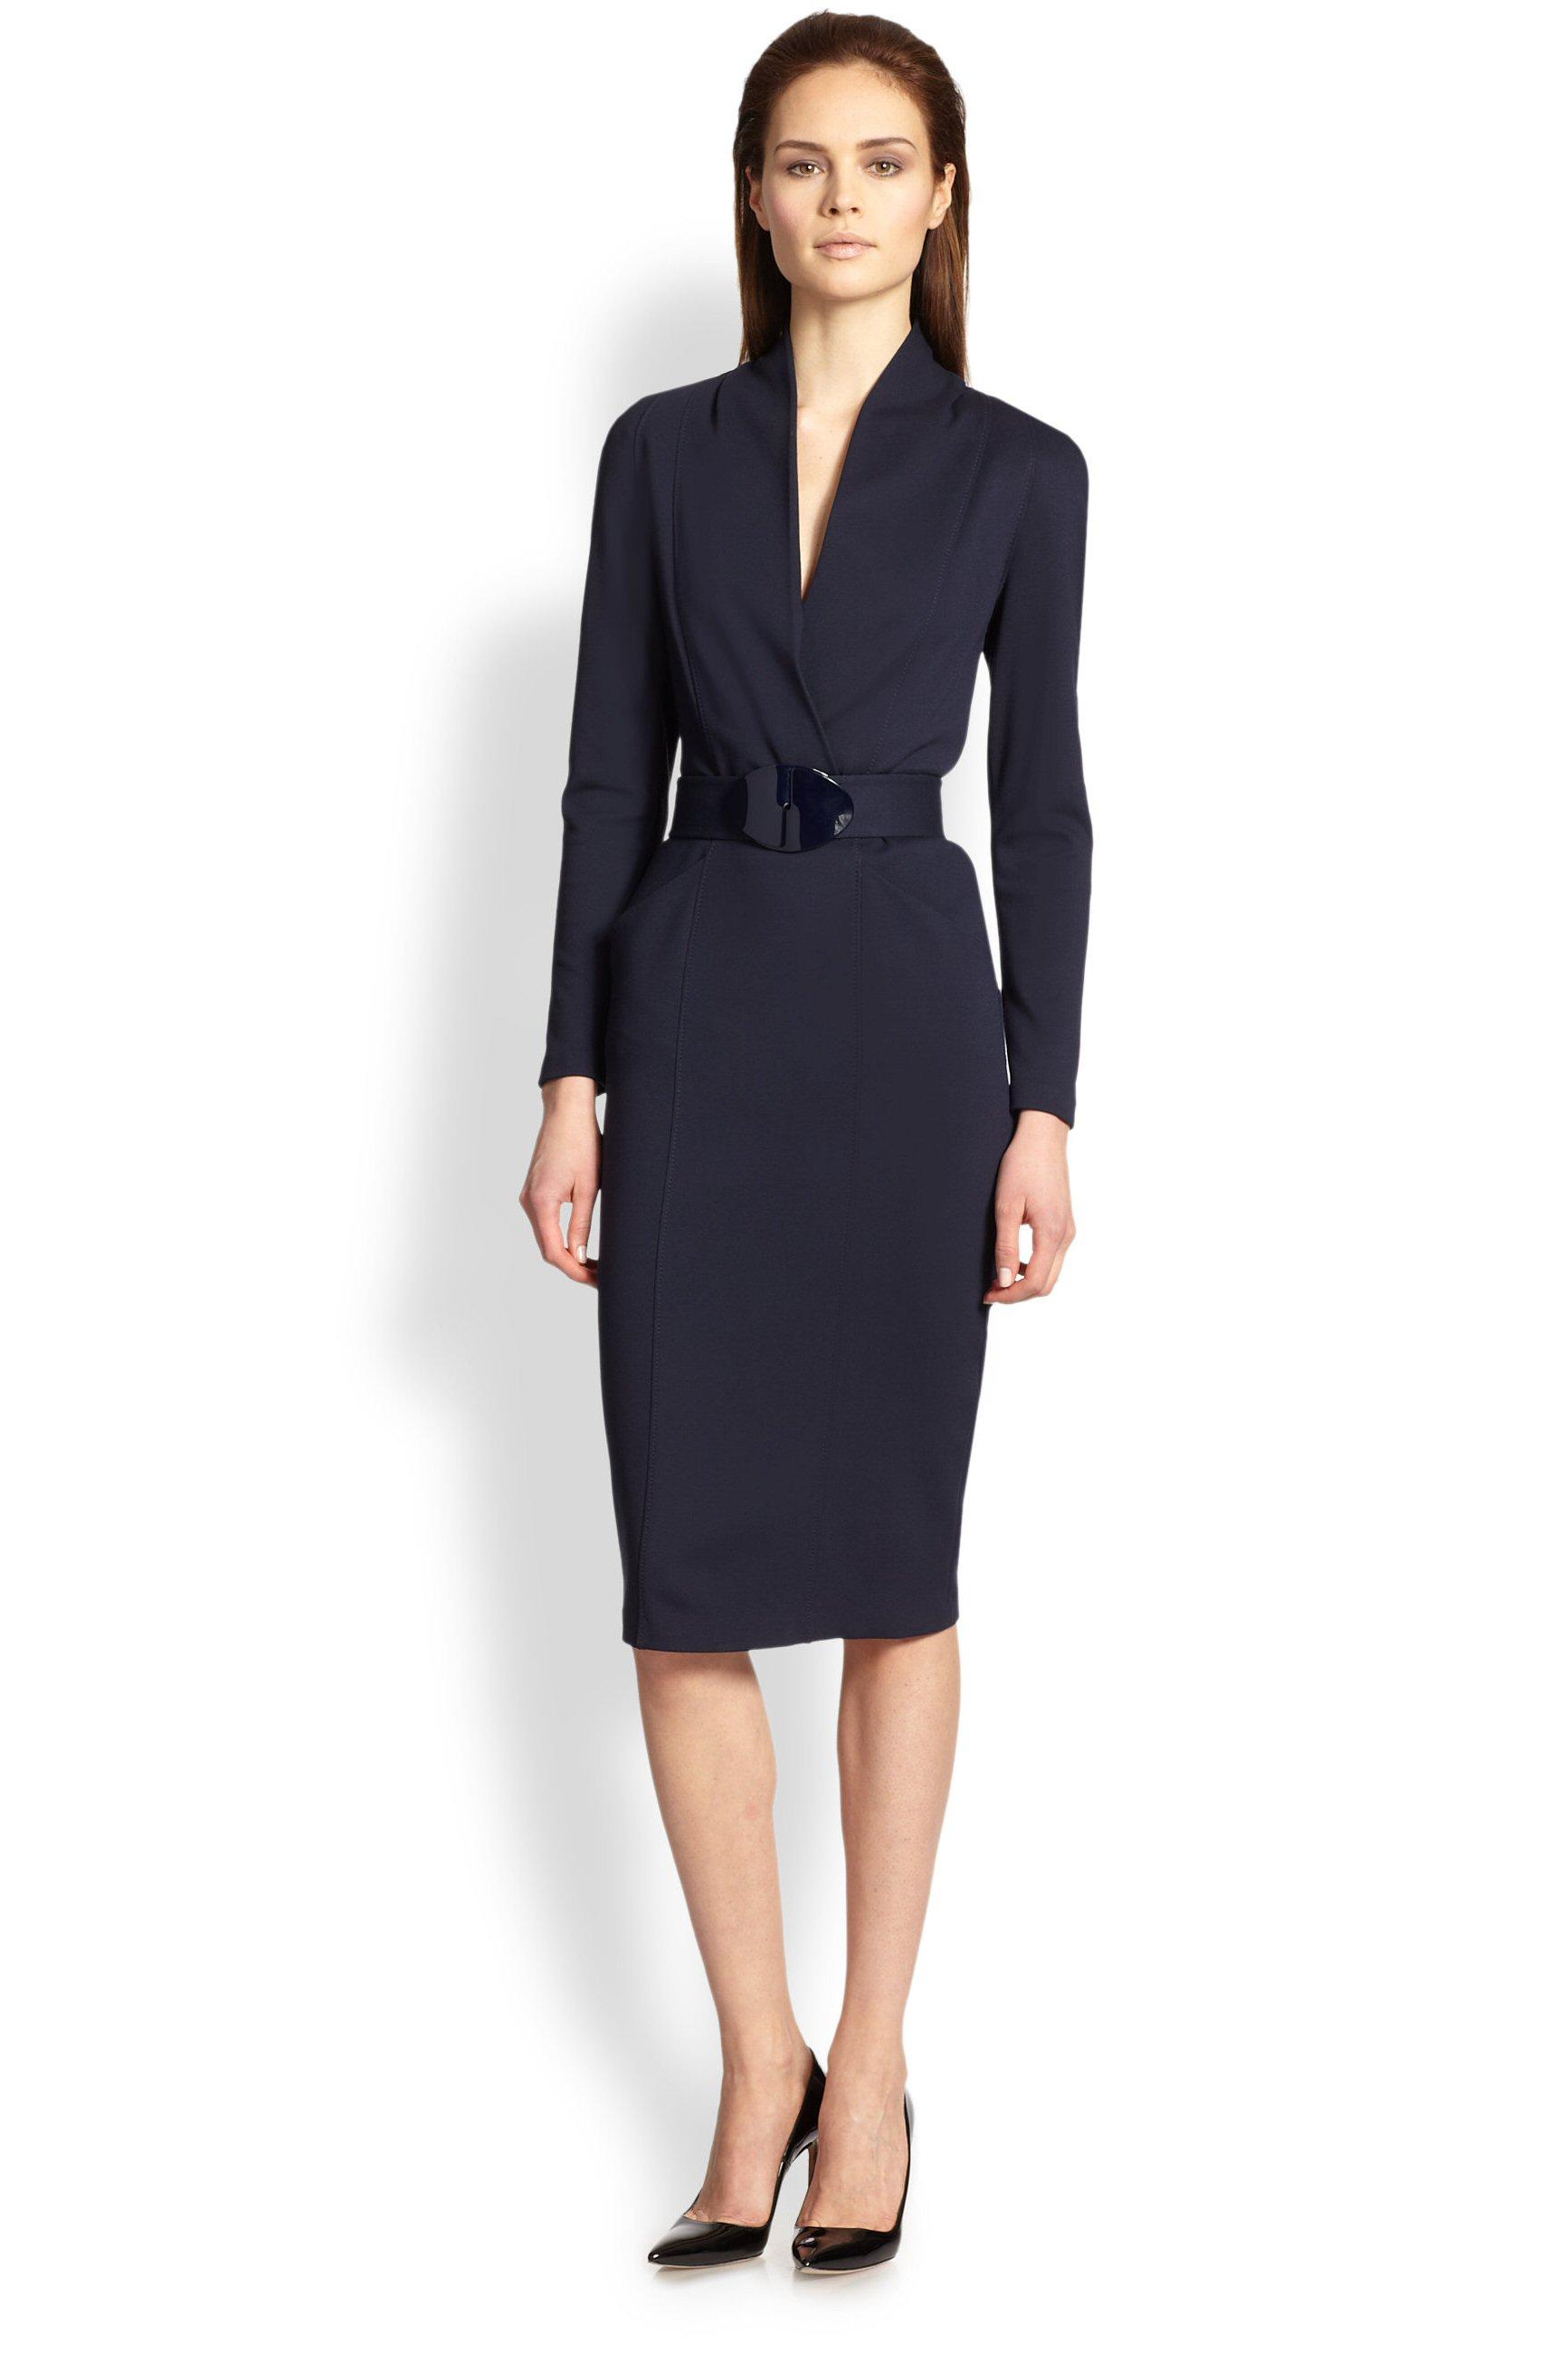 Armani Workwear 16-35